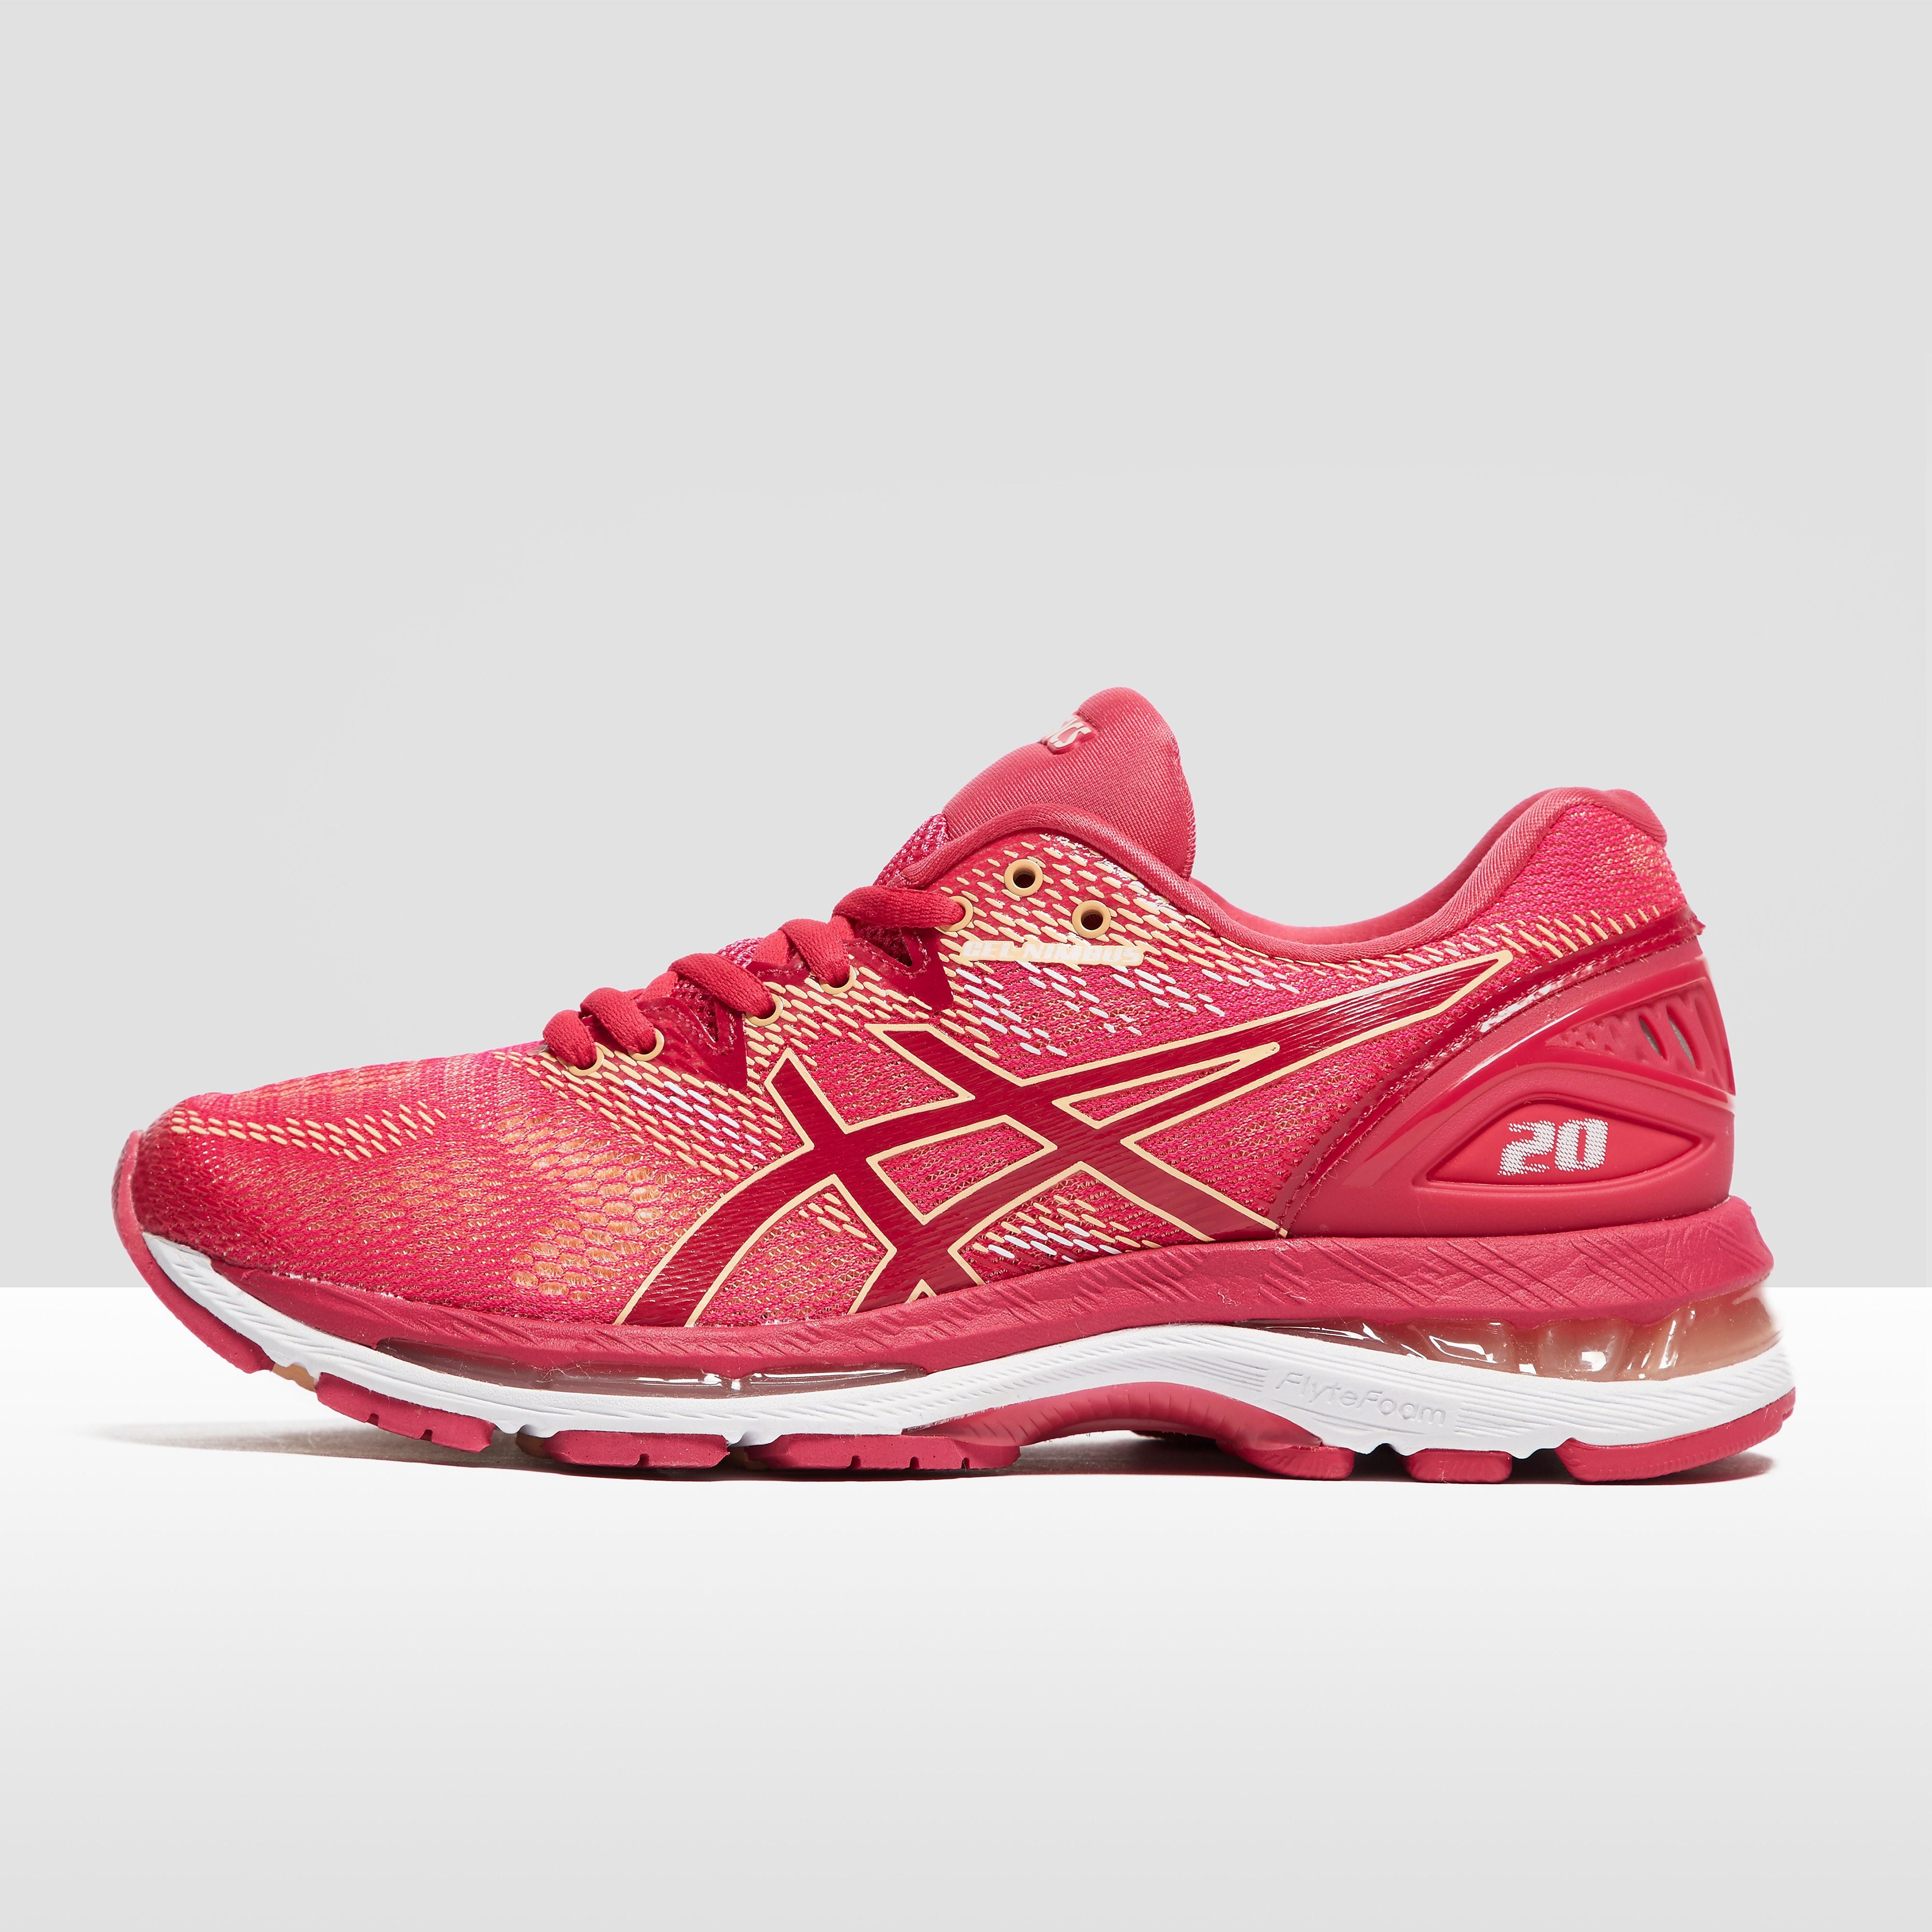 Women's ASICS Gel-Nimbus 20 Running Shoes - Pink, Pink